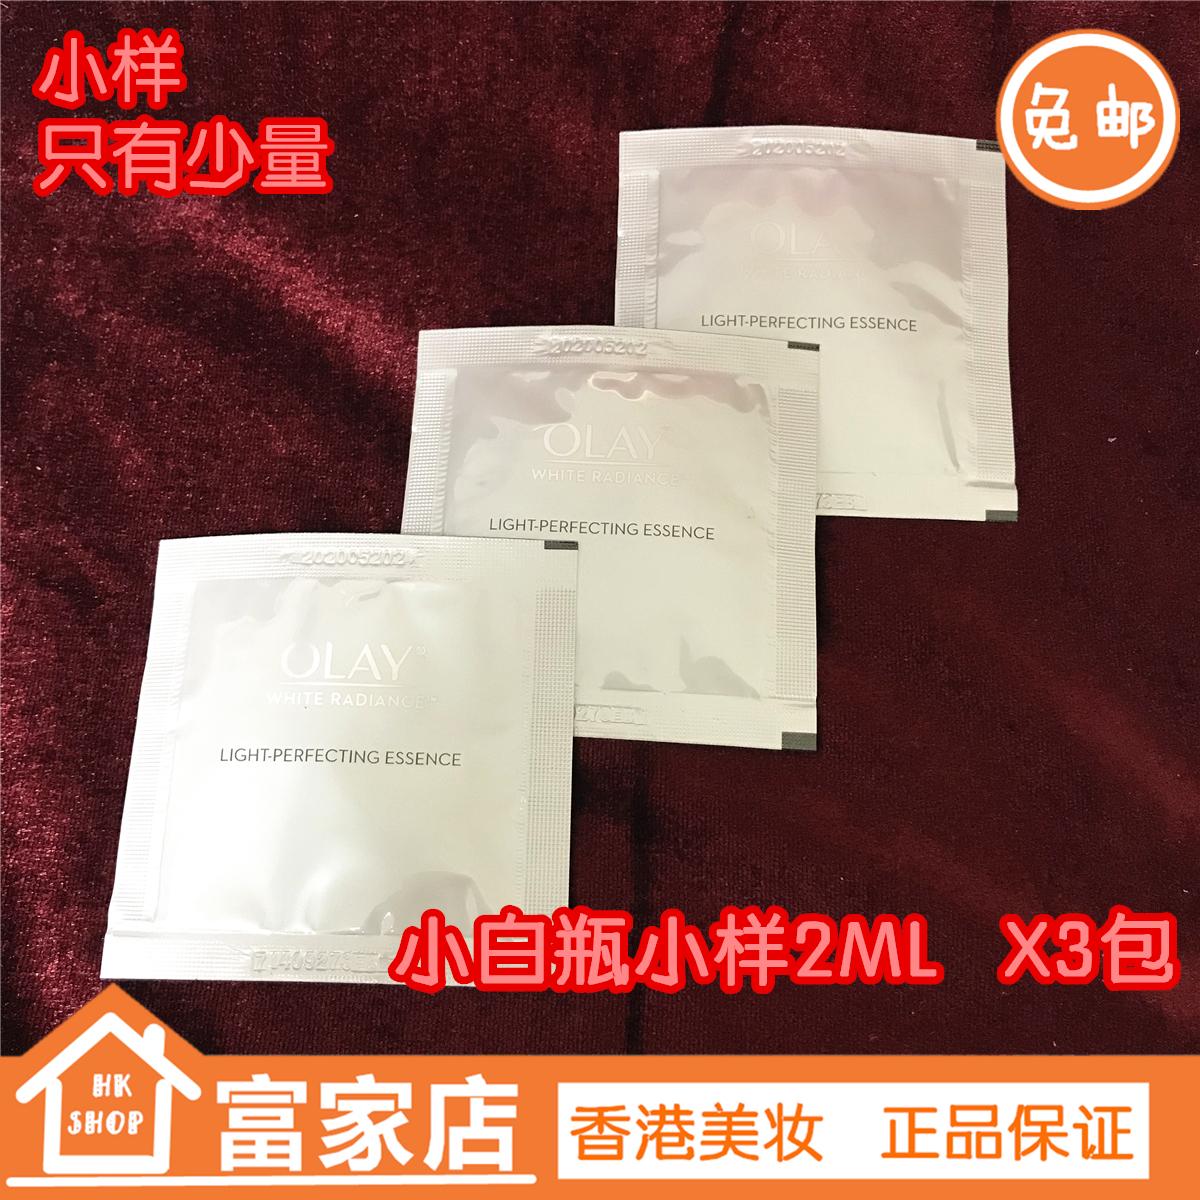 11月30日最新优惠香港正品 Olay玉兰油 高效透白光塑 淡斑精华 小白瓶2ml 小样